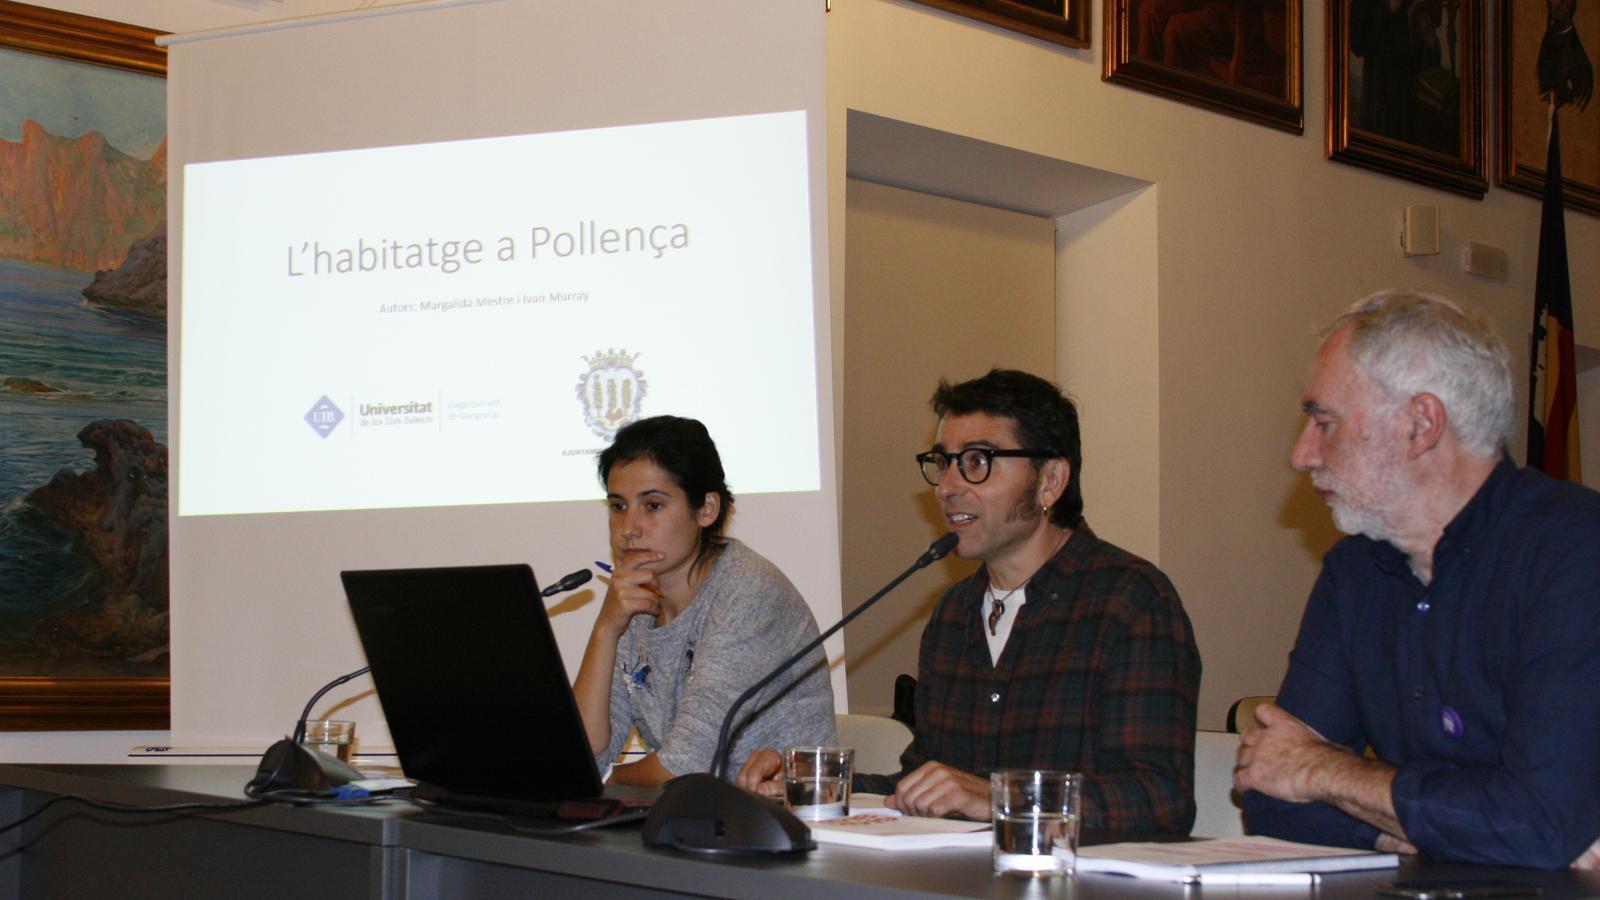 Els doctors en geografia Margalida Mestre i  Ivan Murray, i el batle, Miquel A. March, durant la presentació de l'estudi sobre l'hatitatge.